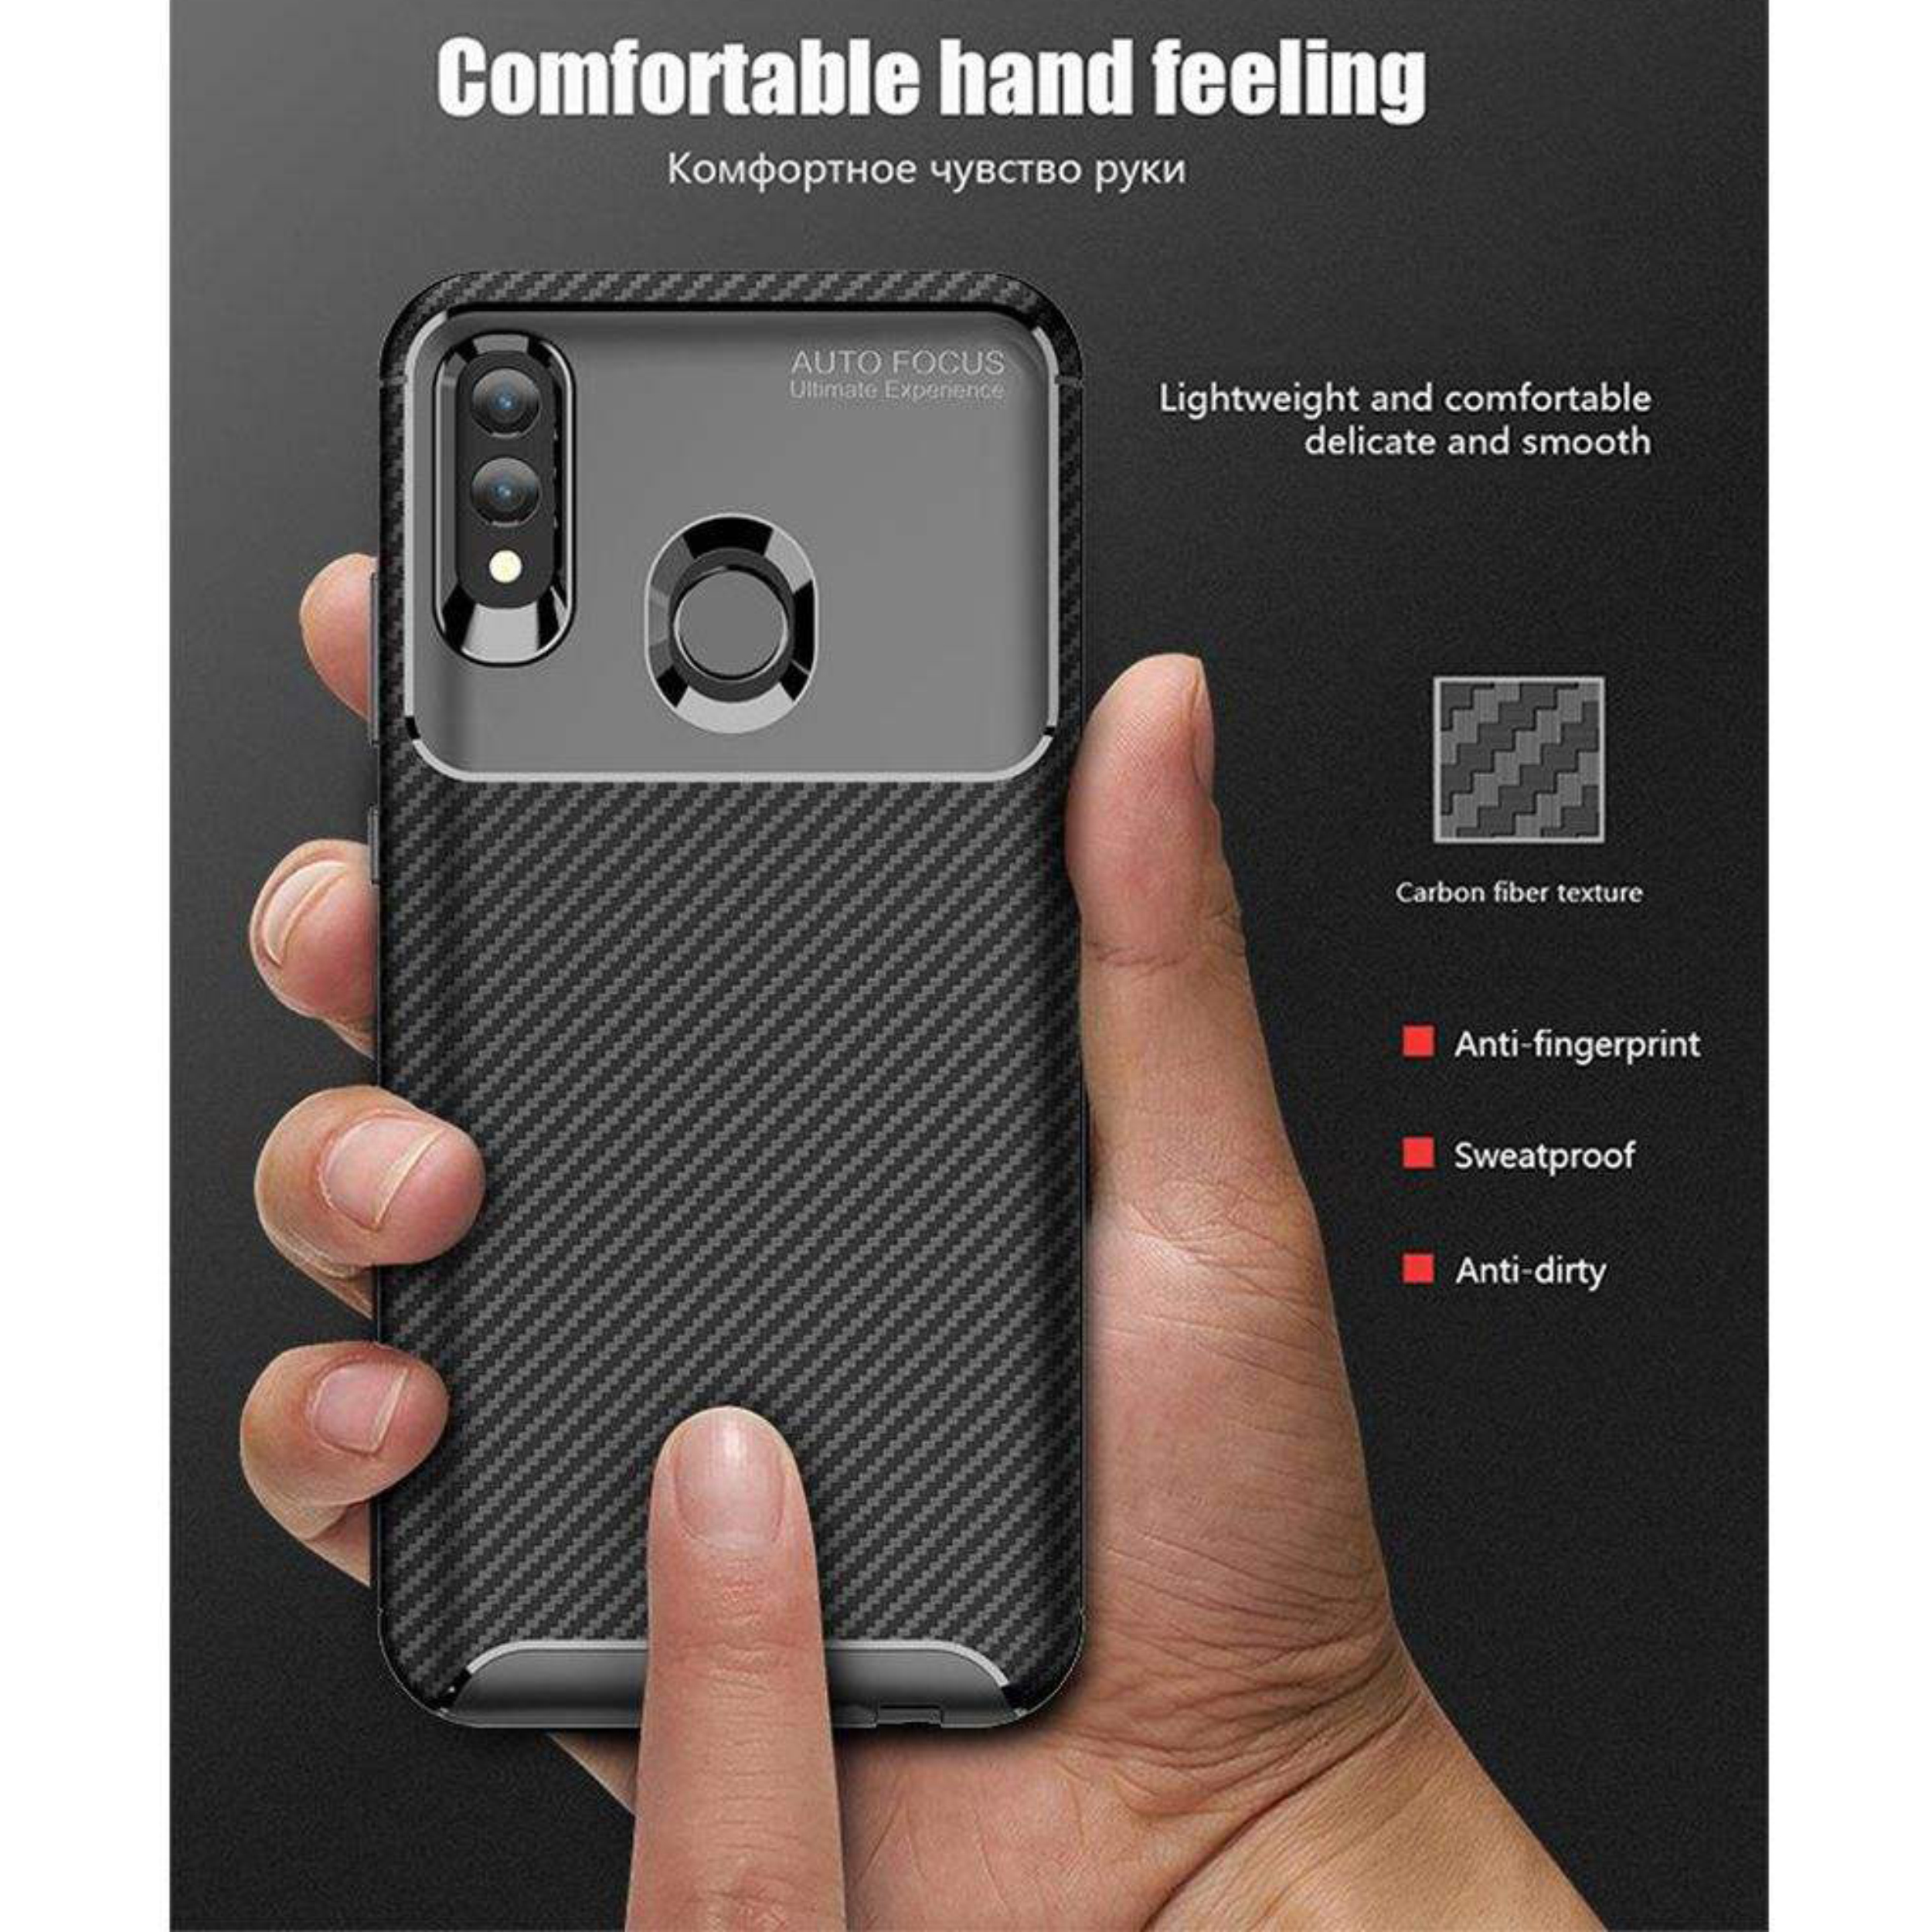 کاور لاین کینگ مدل A21 مناسب برای گوشی موبایل هوآوی P Smart 2019/ آنر 10Lite thumb 2 5